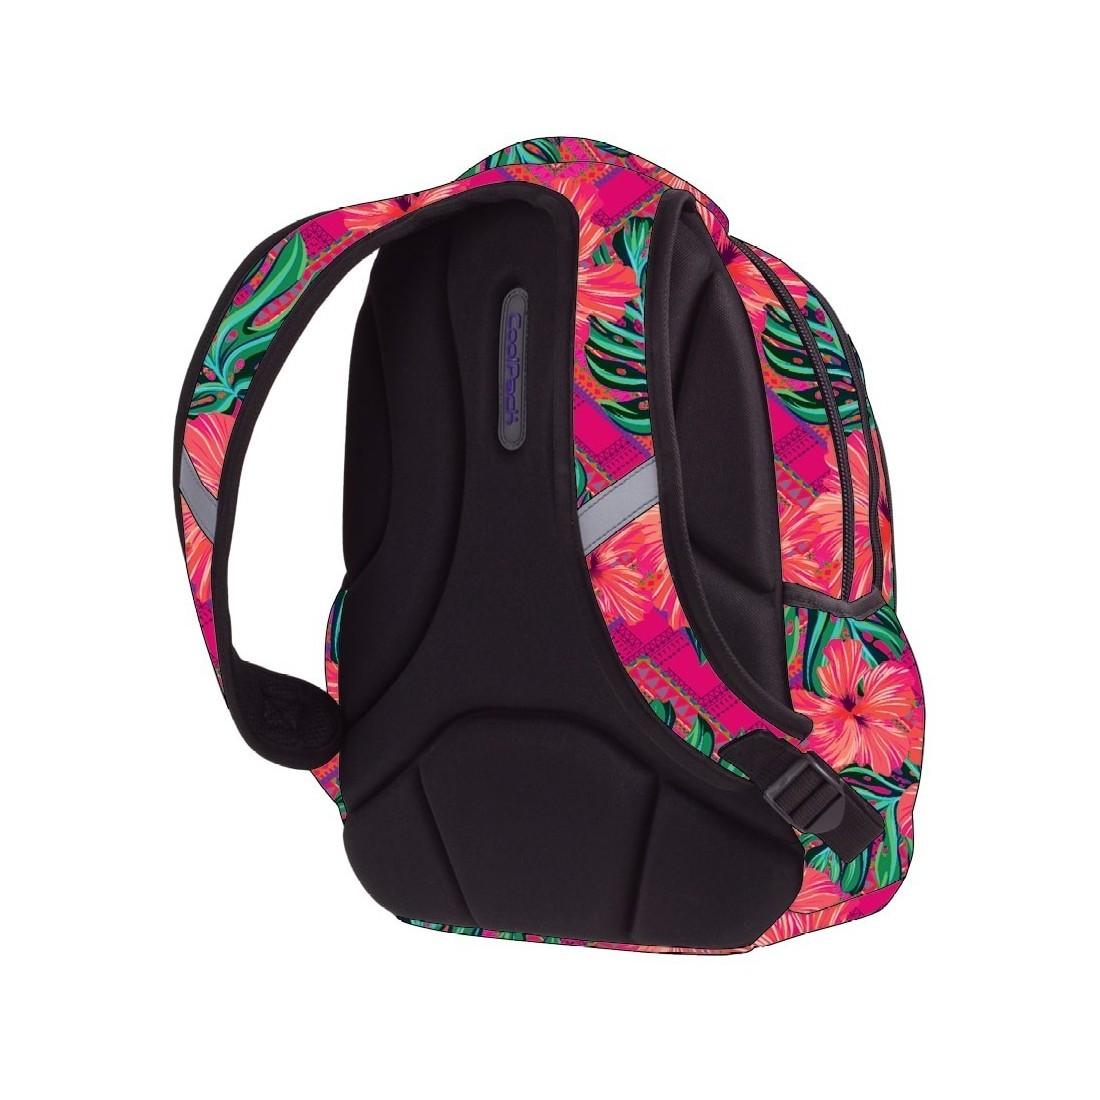 017704f3f9b9a ... Plecak dla pierwszoklasisty CoolPack CP PRIME CARIBBEAN BEACH 1062  egzotyczne kwiaty